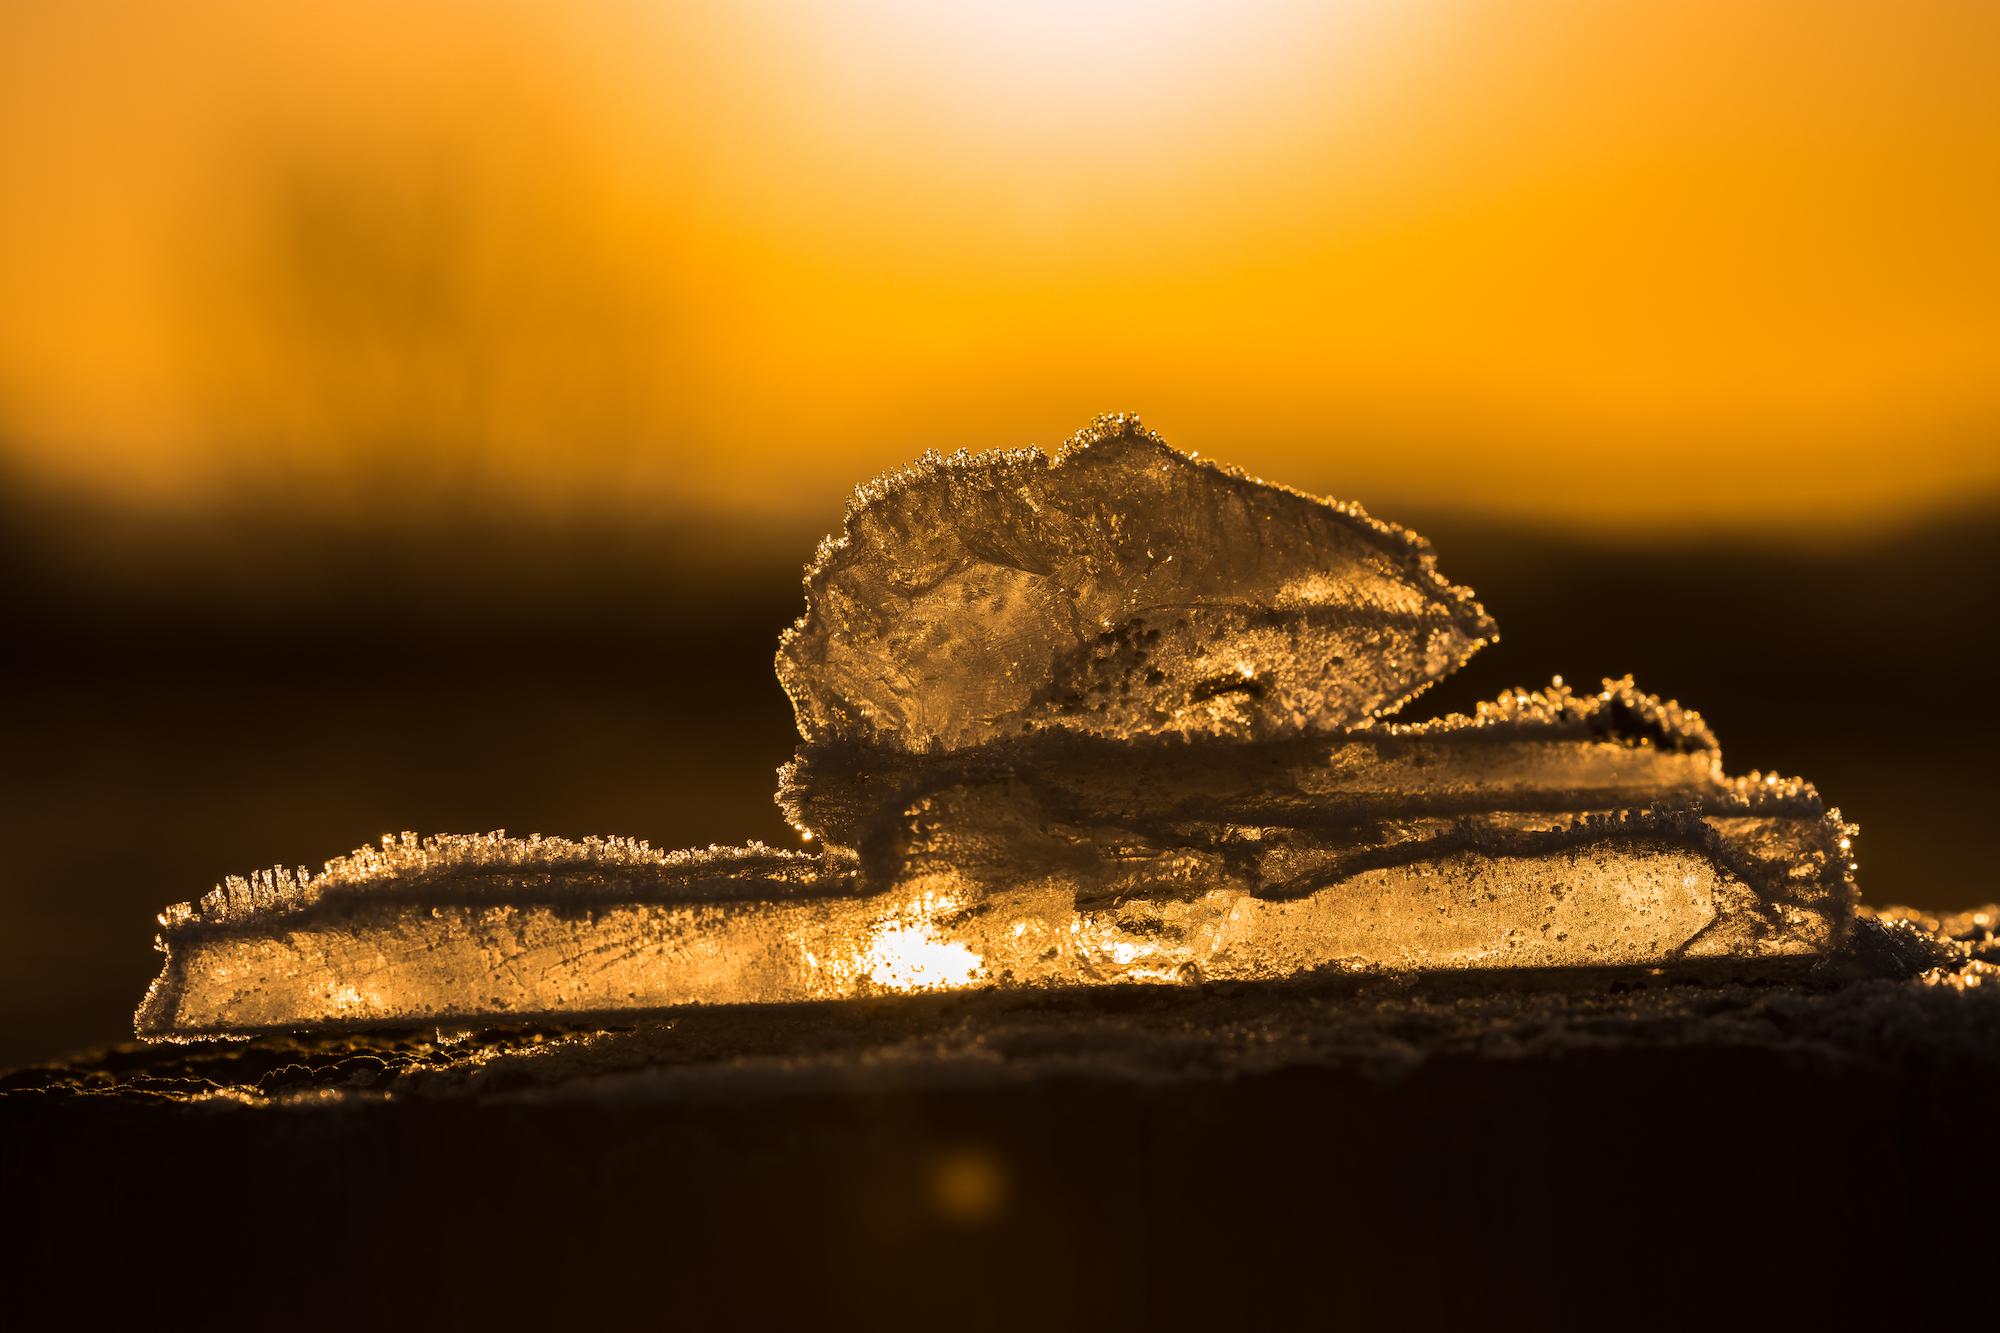 (888) Backlit Ice on Fence Post, Ratho, Edinburgh, Scotland.jpg